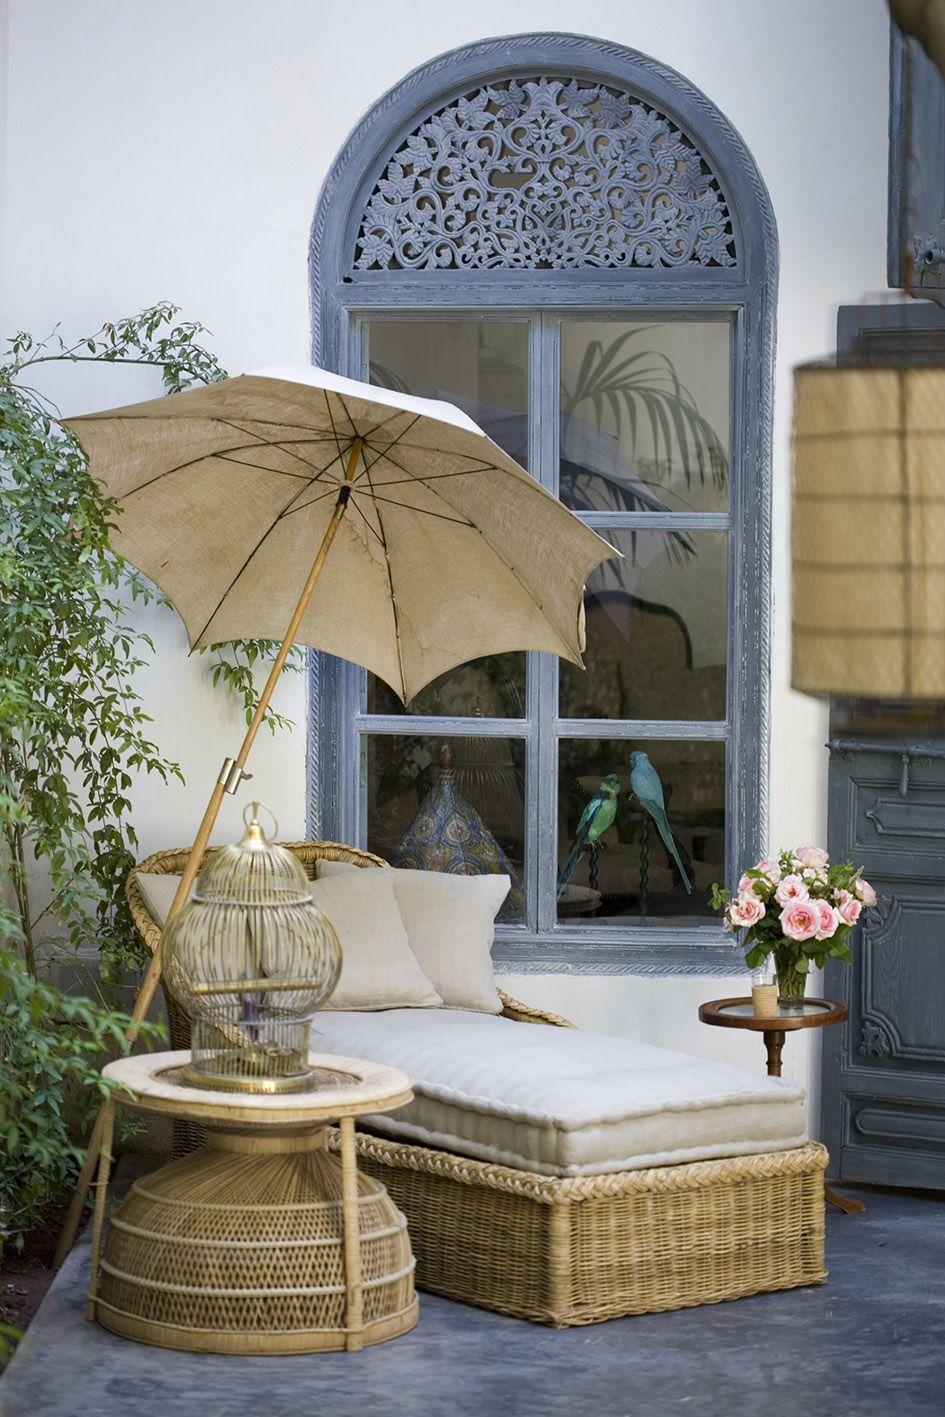 Salon De Jardin Asiatique riad de tarabel marrakech | pièces à vivre dans le jardin